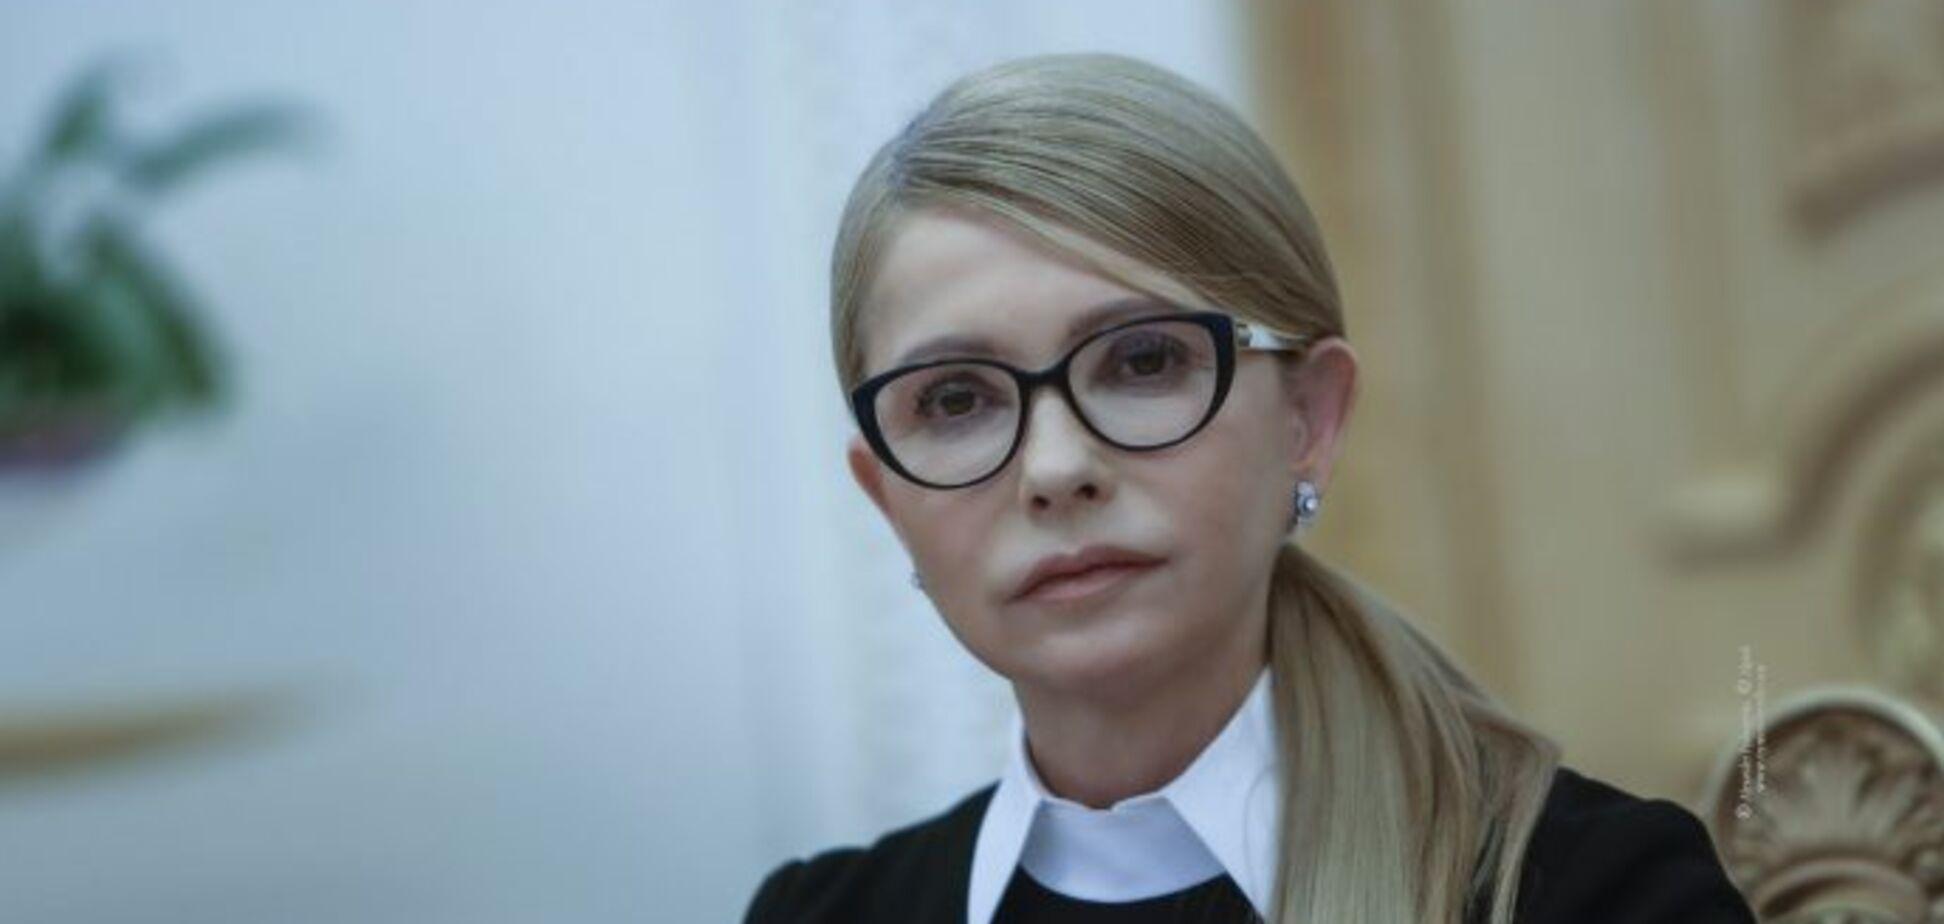 Тимошенко призвала срочно навести порядок в исполнительной власти